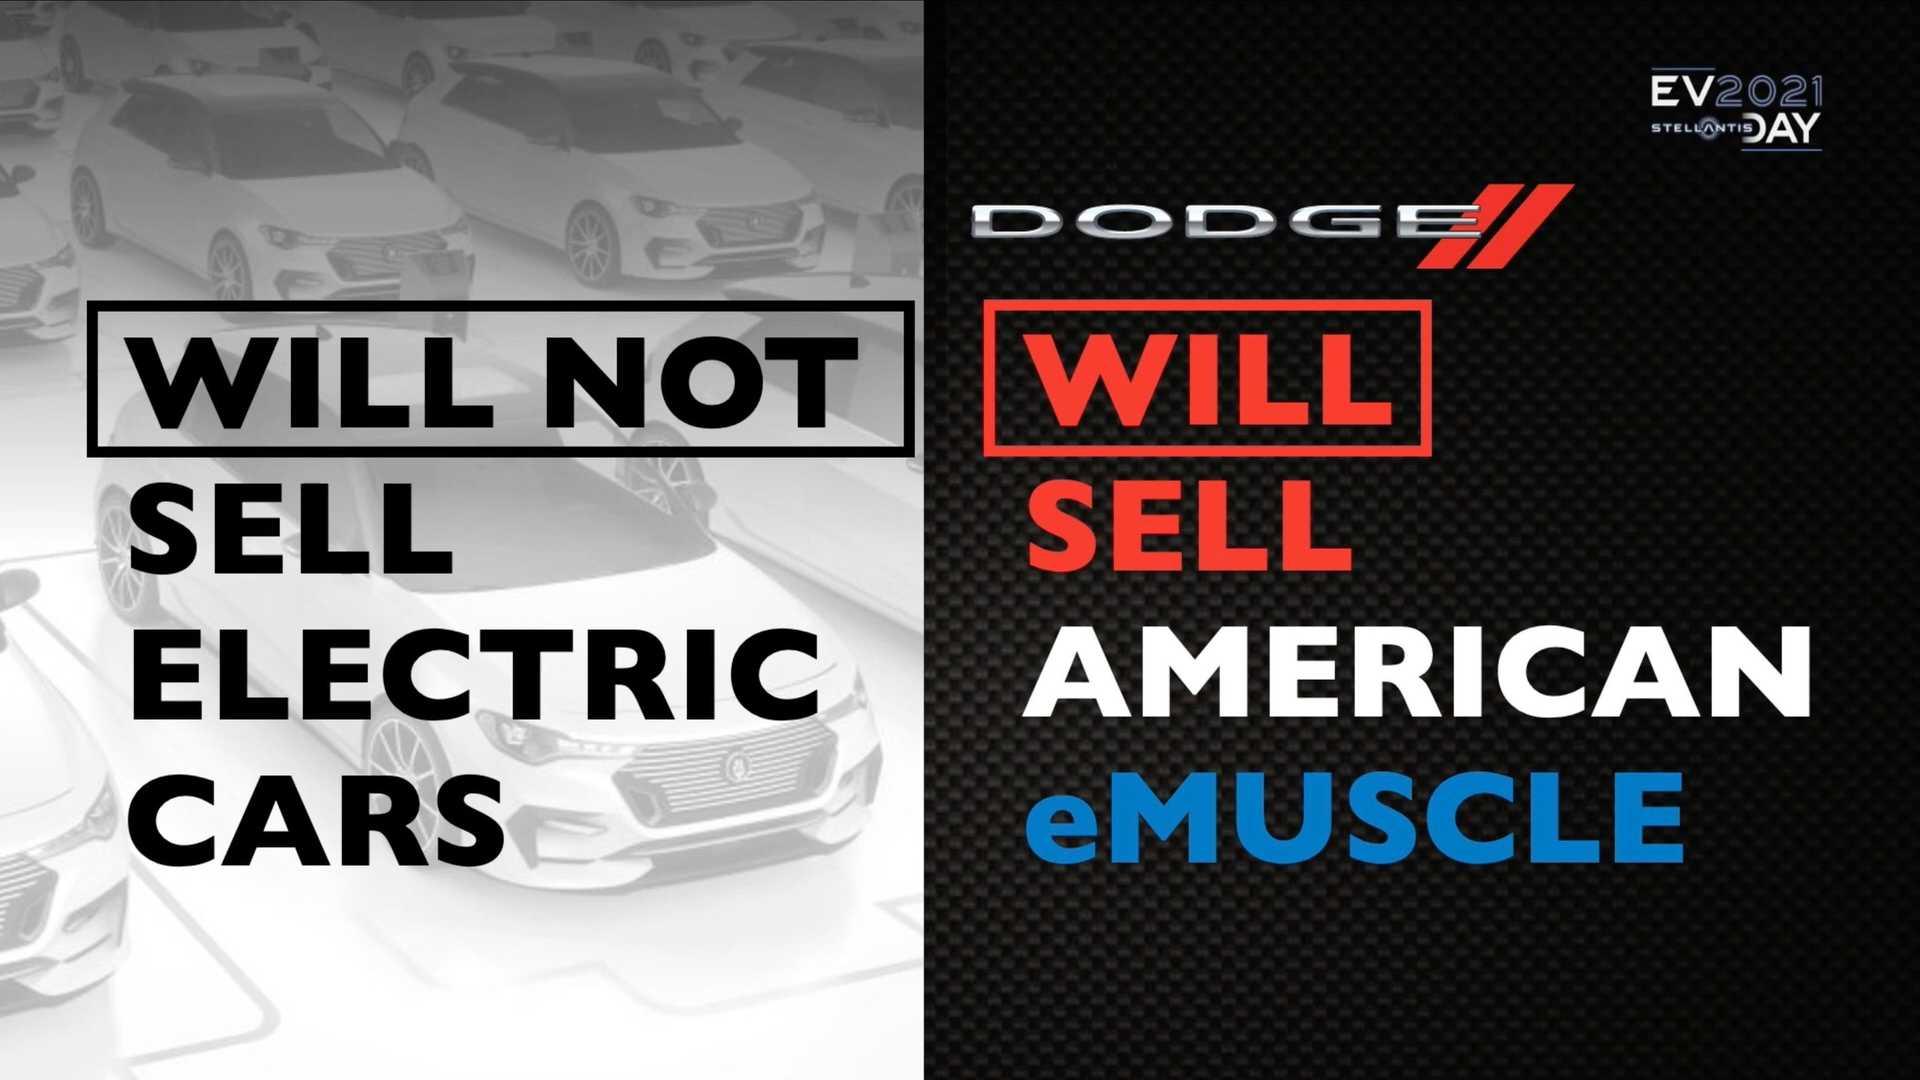 dodge-electric-muscle-car-teaser-ev